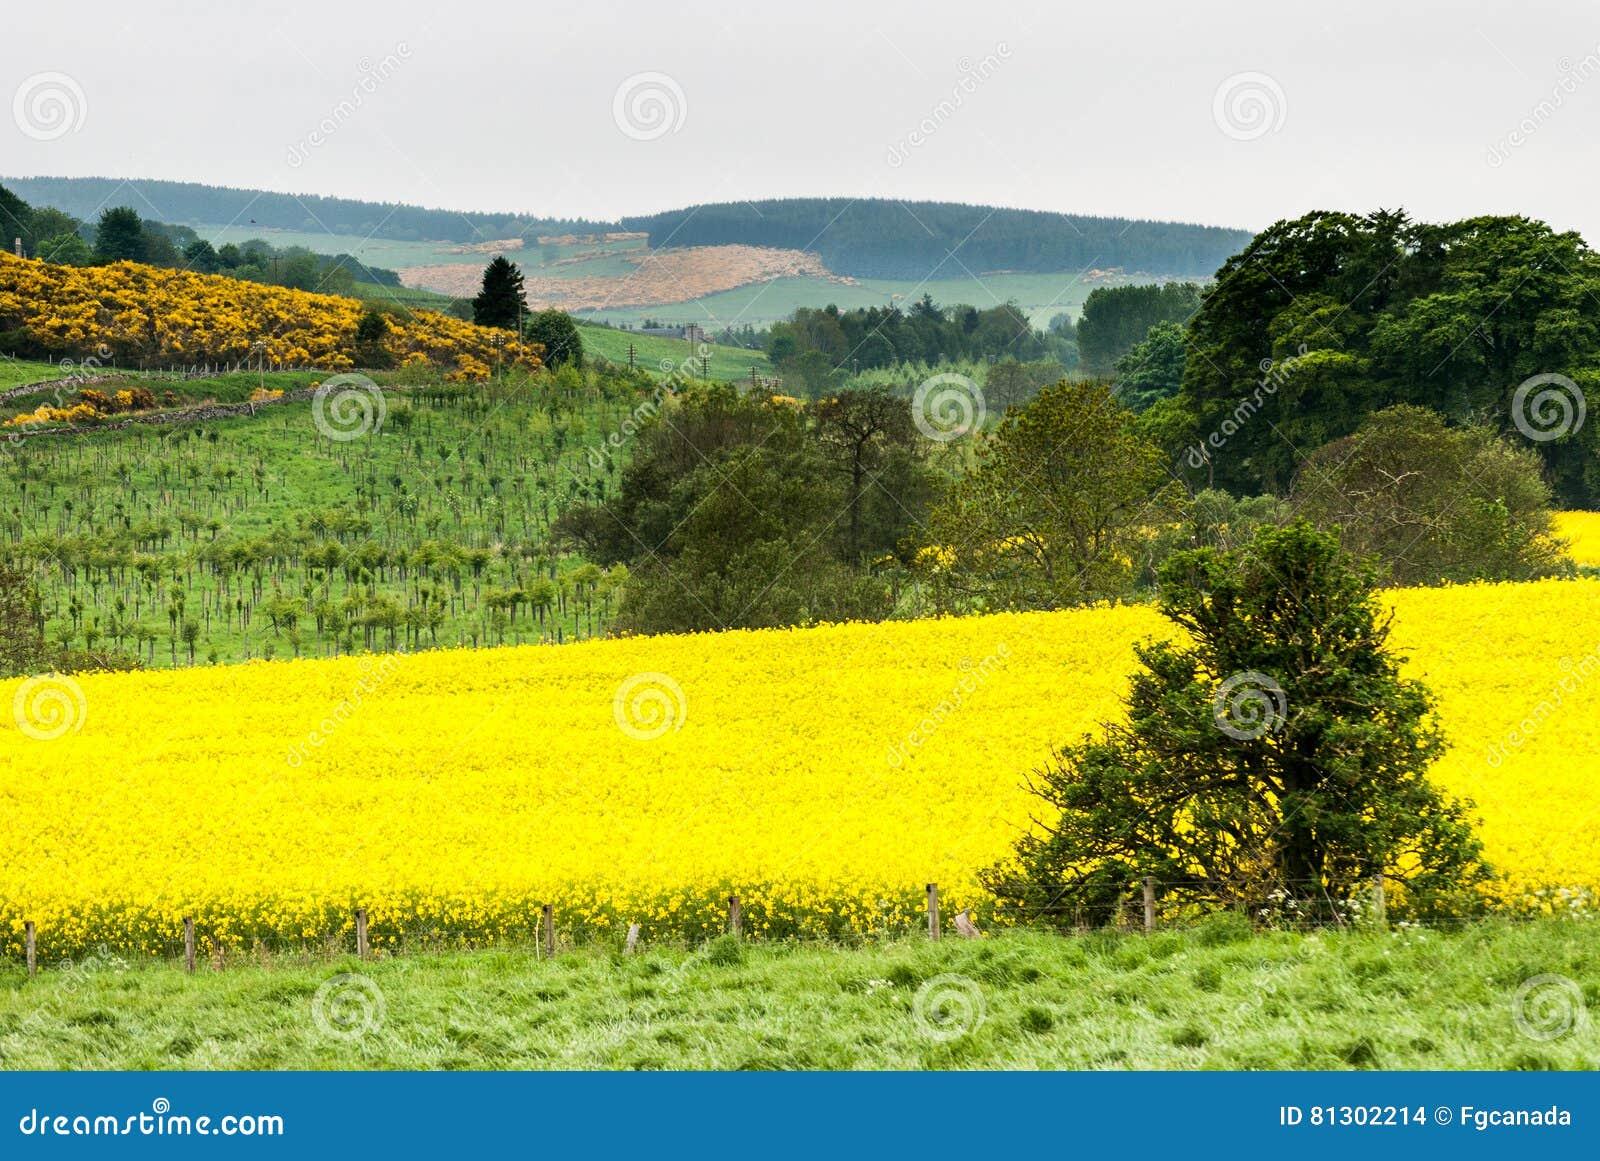 Fiori Gialli Scozia.Campi Gialli Della Scozia Fotografia Stock Immagine Di Europeo